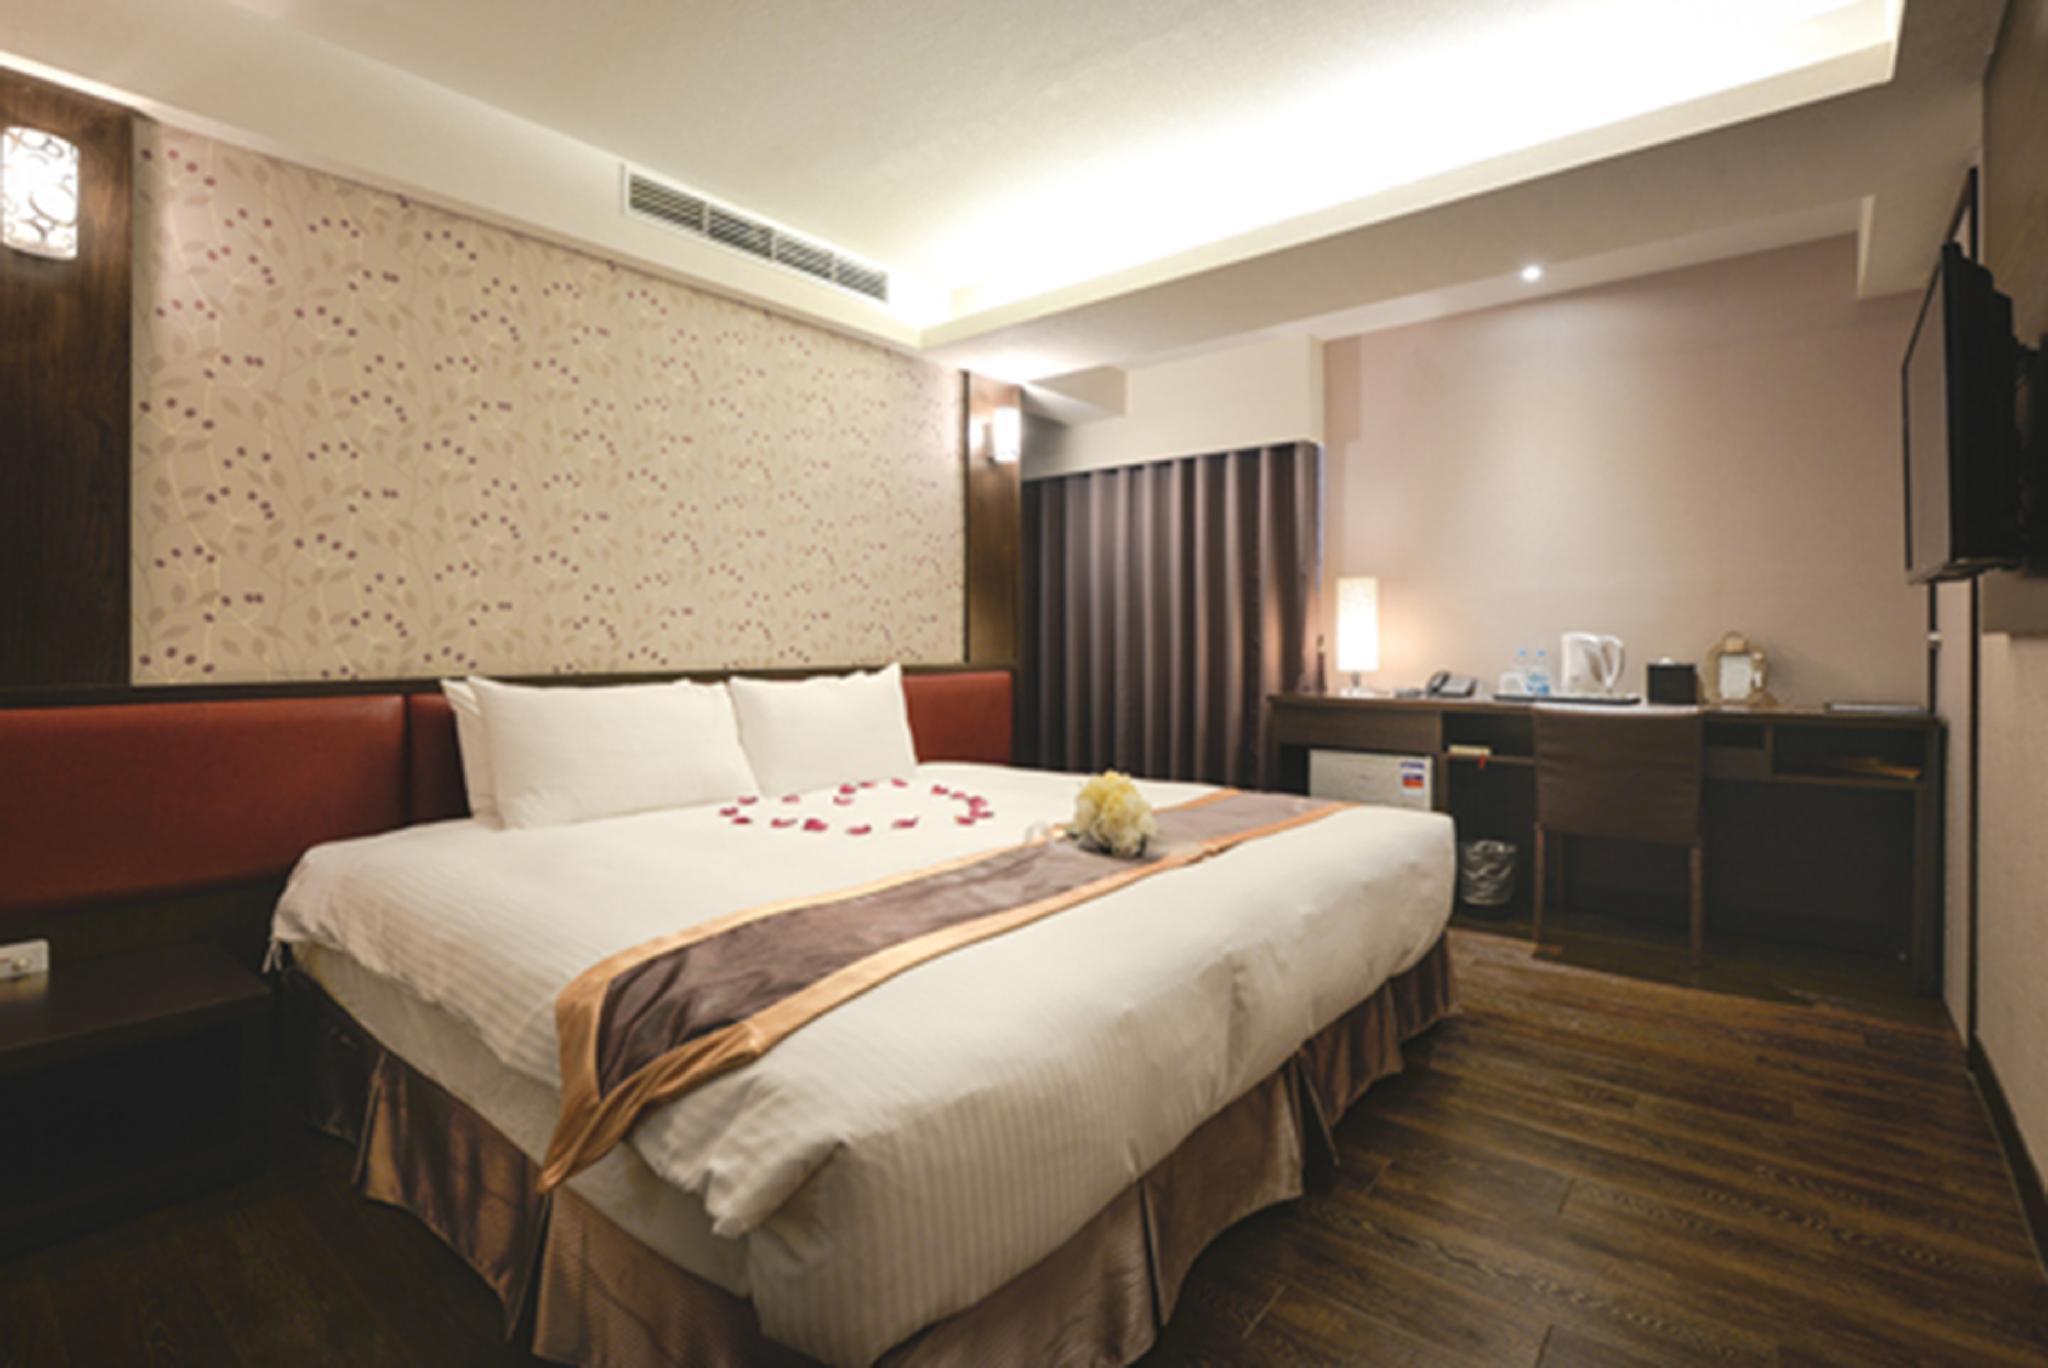 Global Traveler Hotel